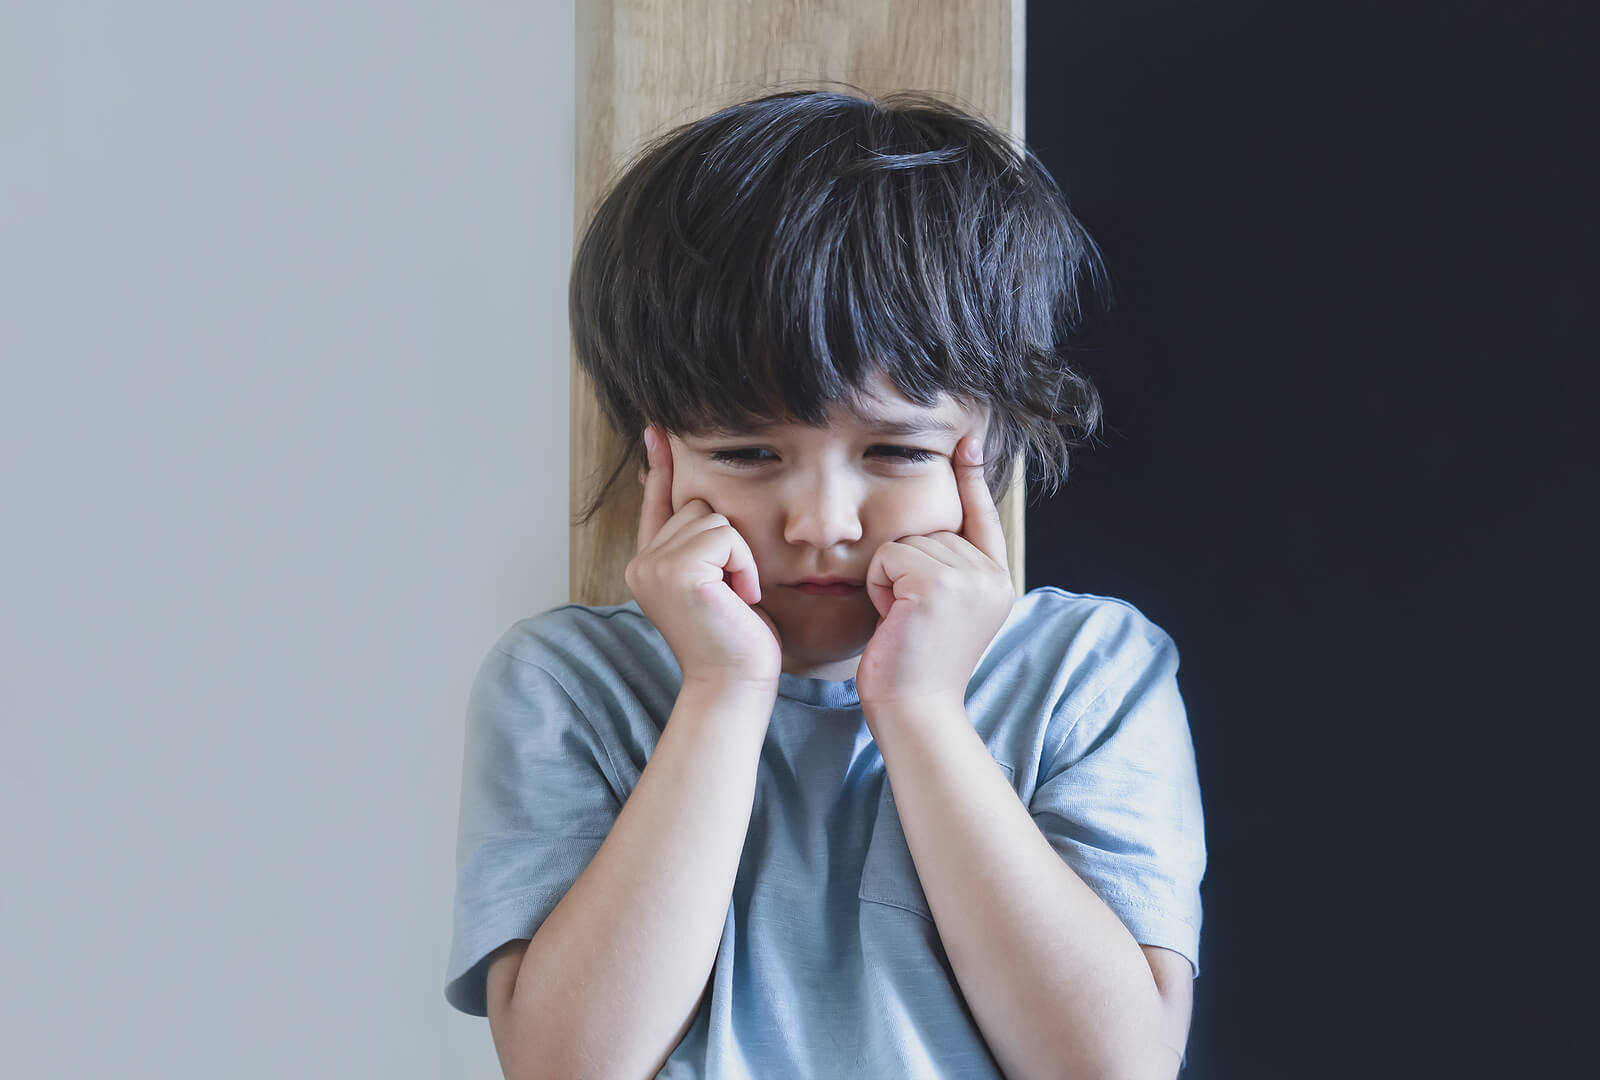 Niño con problemas emocionales debido a que padece alexitimia.